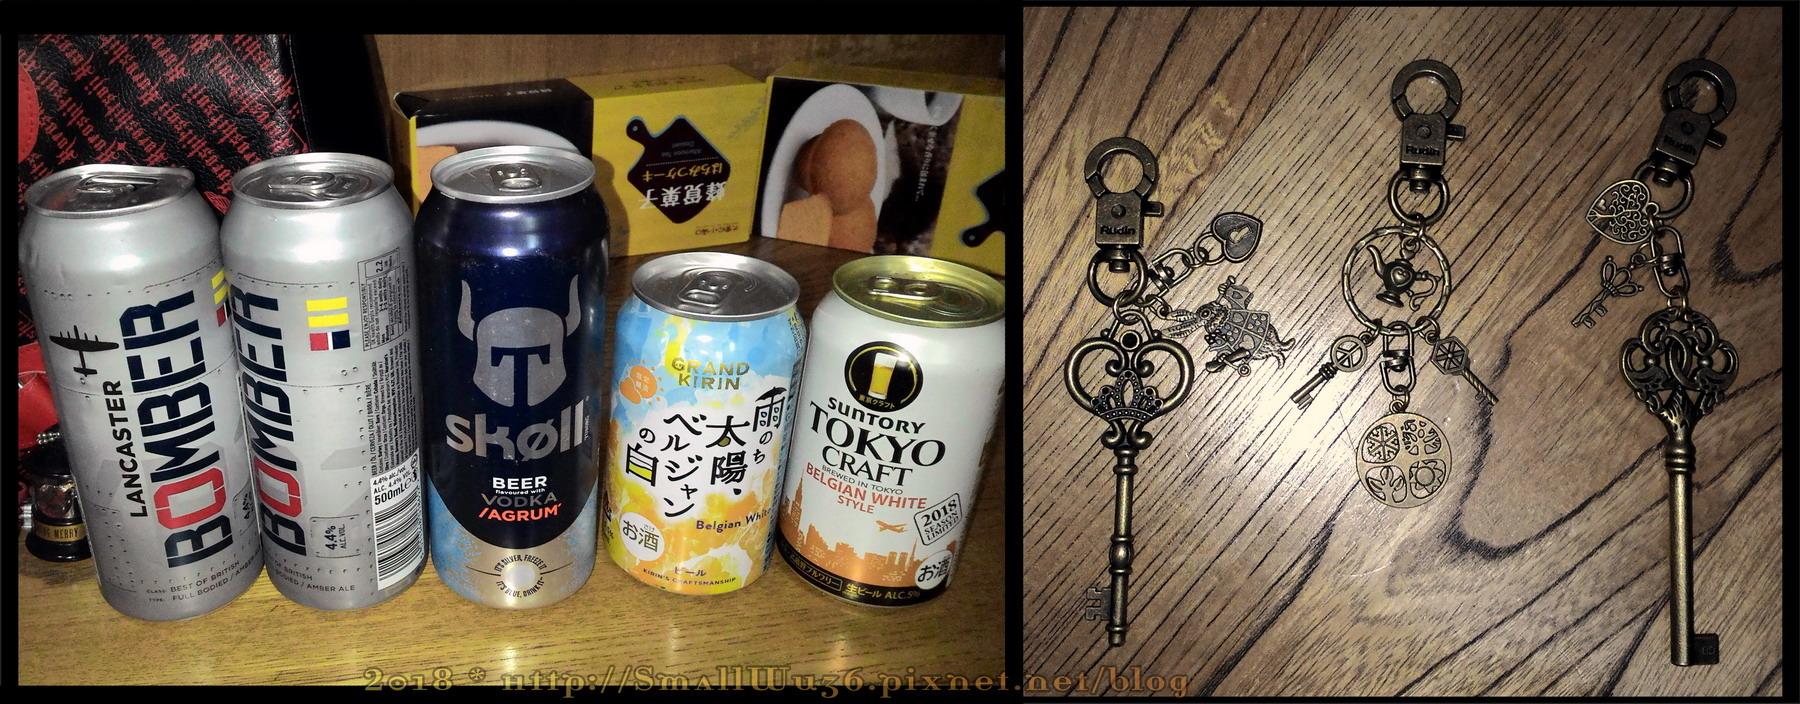 麒麟雨後太陽啤酒 日製,維京海盜法國製,轟炸機愛爾英國製, TOKYO CRAFT三得利, 中山地下街誠品羅亭-鑰匙圈3個.jpg